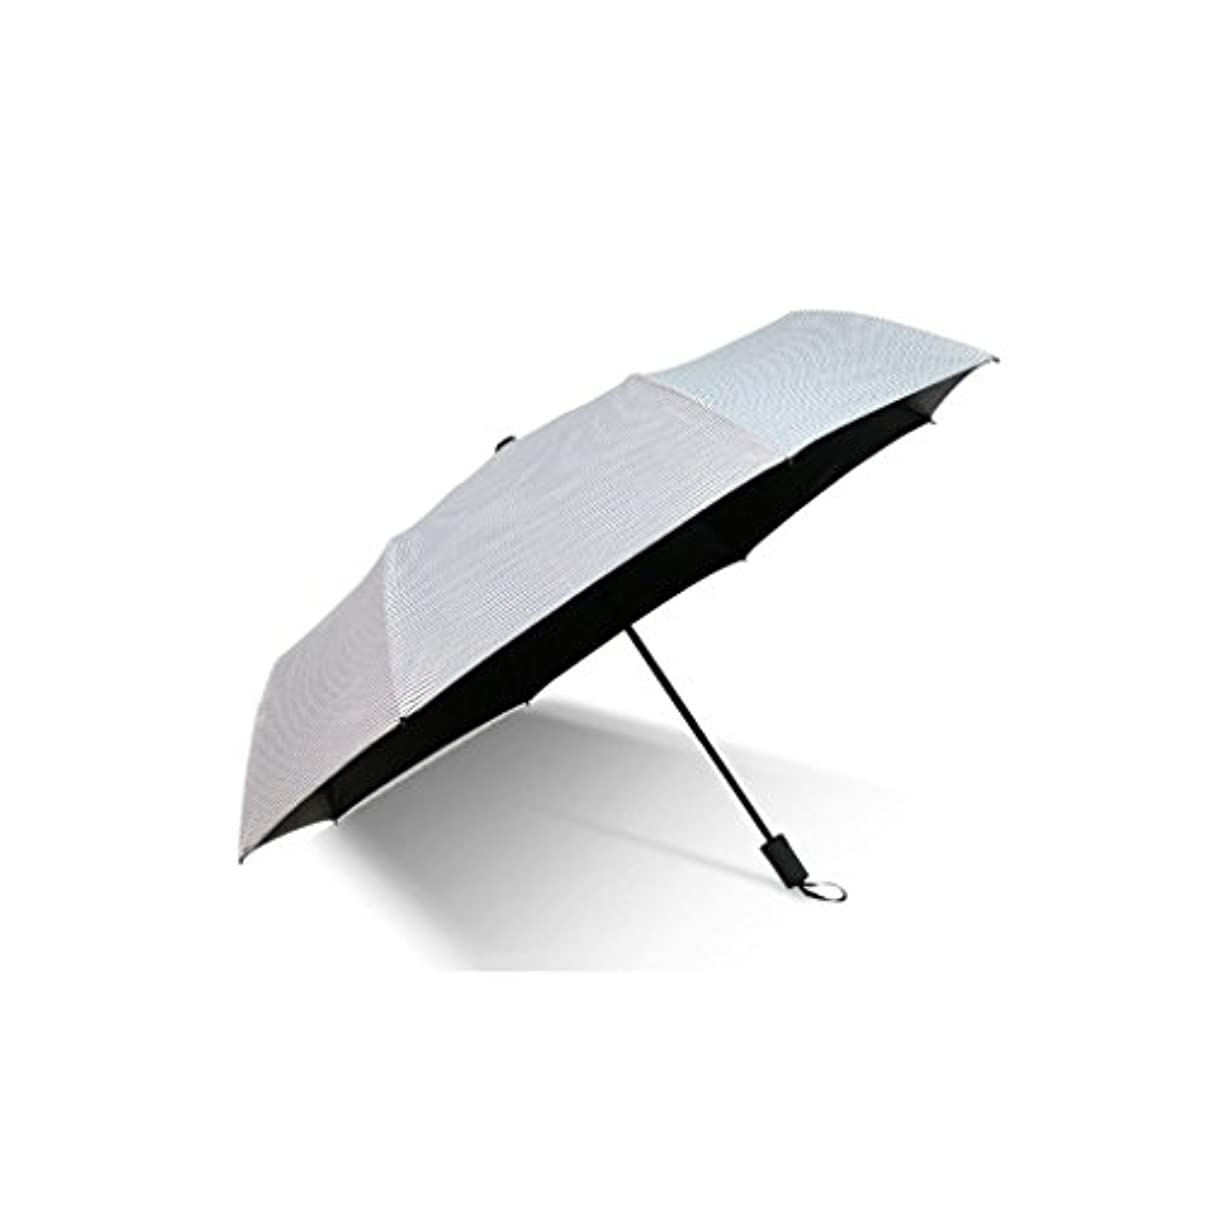 マッシュ謎めいたアカデミー旅行用傘 ストライプ傘日傘折りたたみ傘日陰オープン強雨傘速乾性防風旅行傘コンパクト旅行傘 UVカット